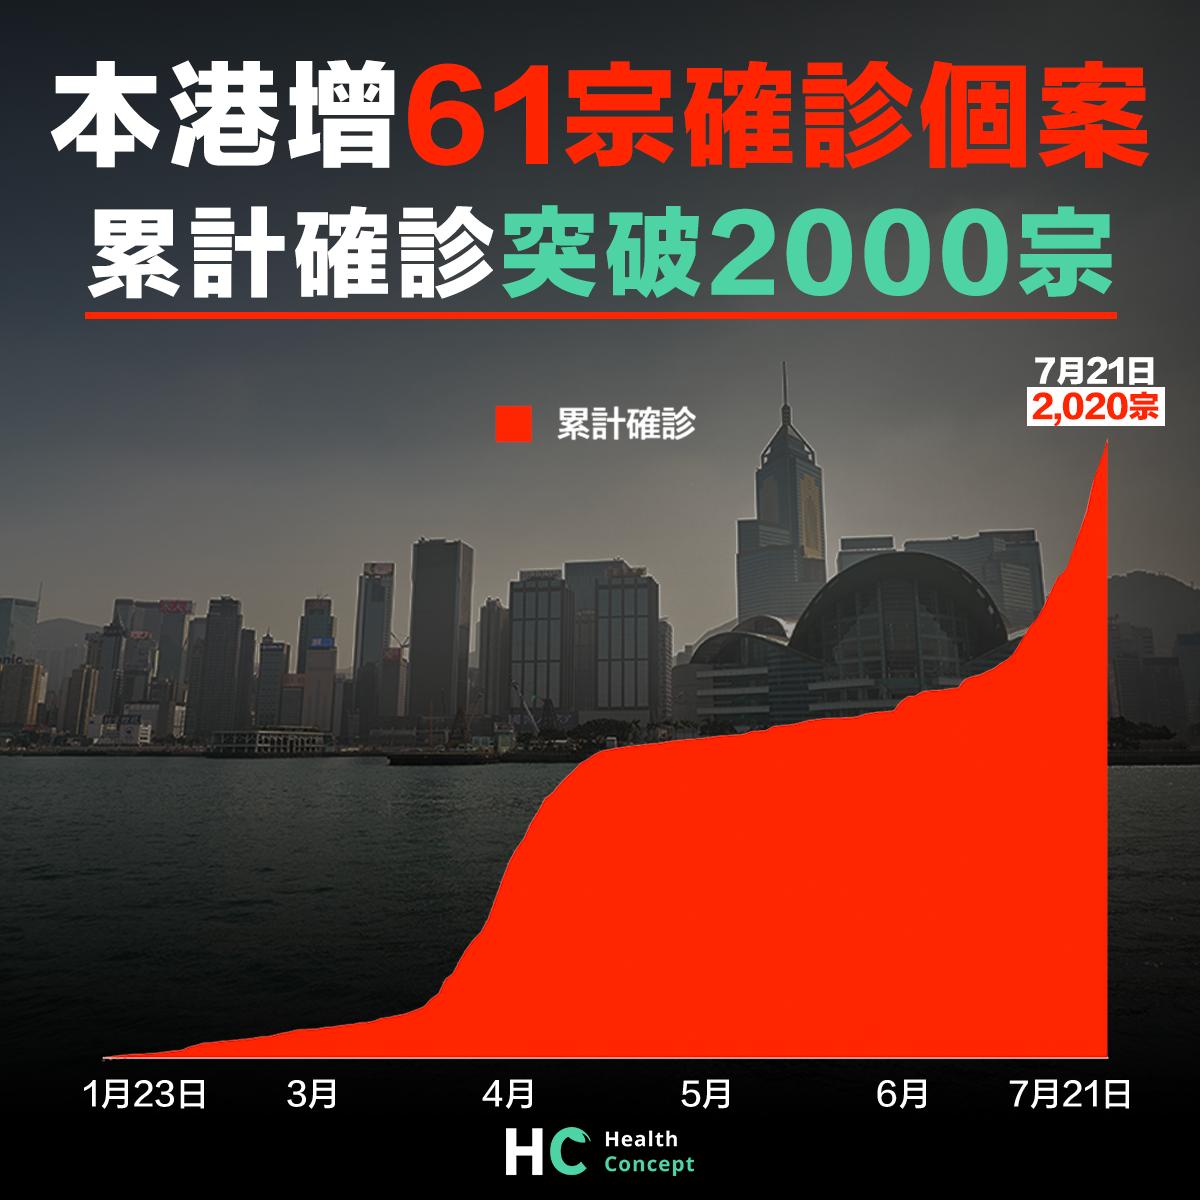 【#新型肺炎】本港增61宗確診個案 累計確診突破2000宗